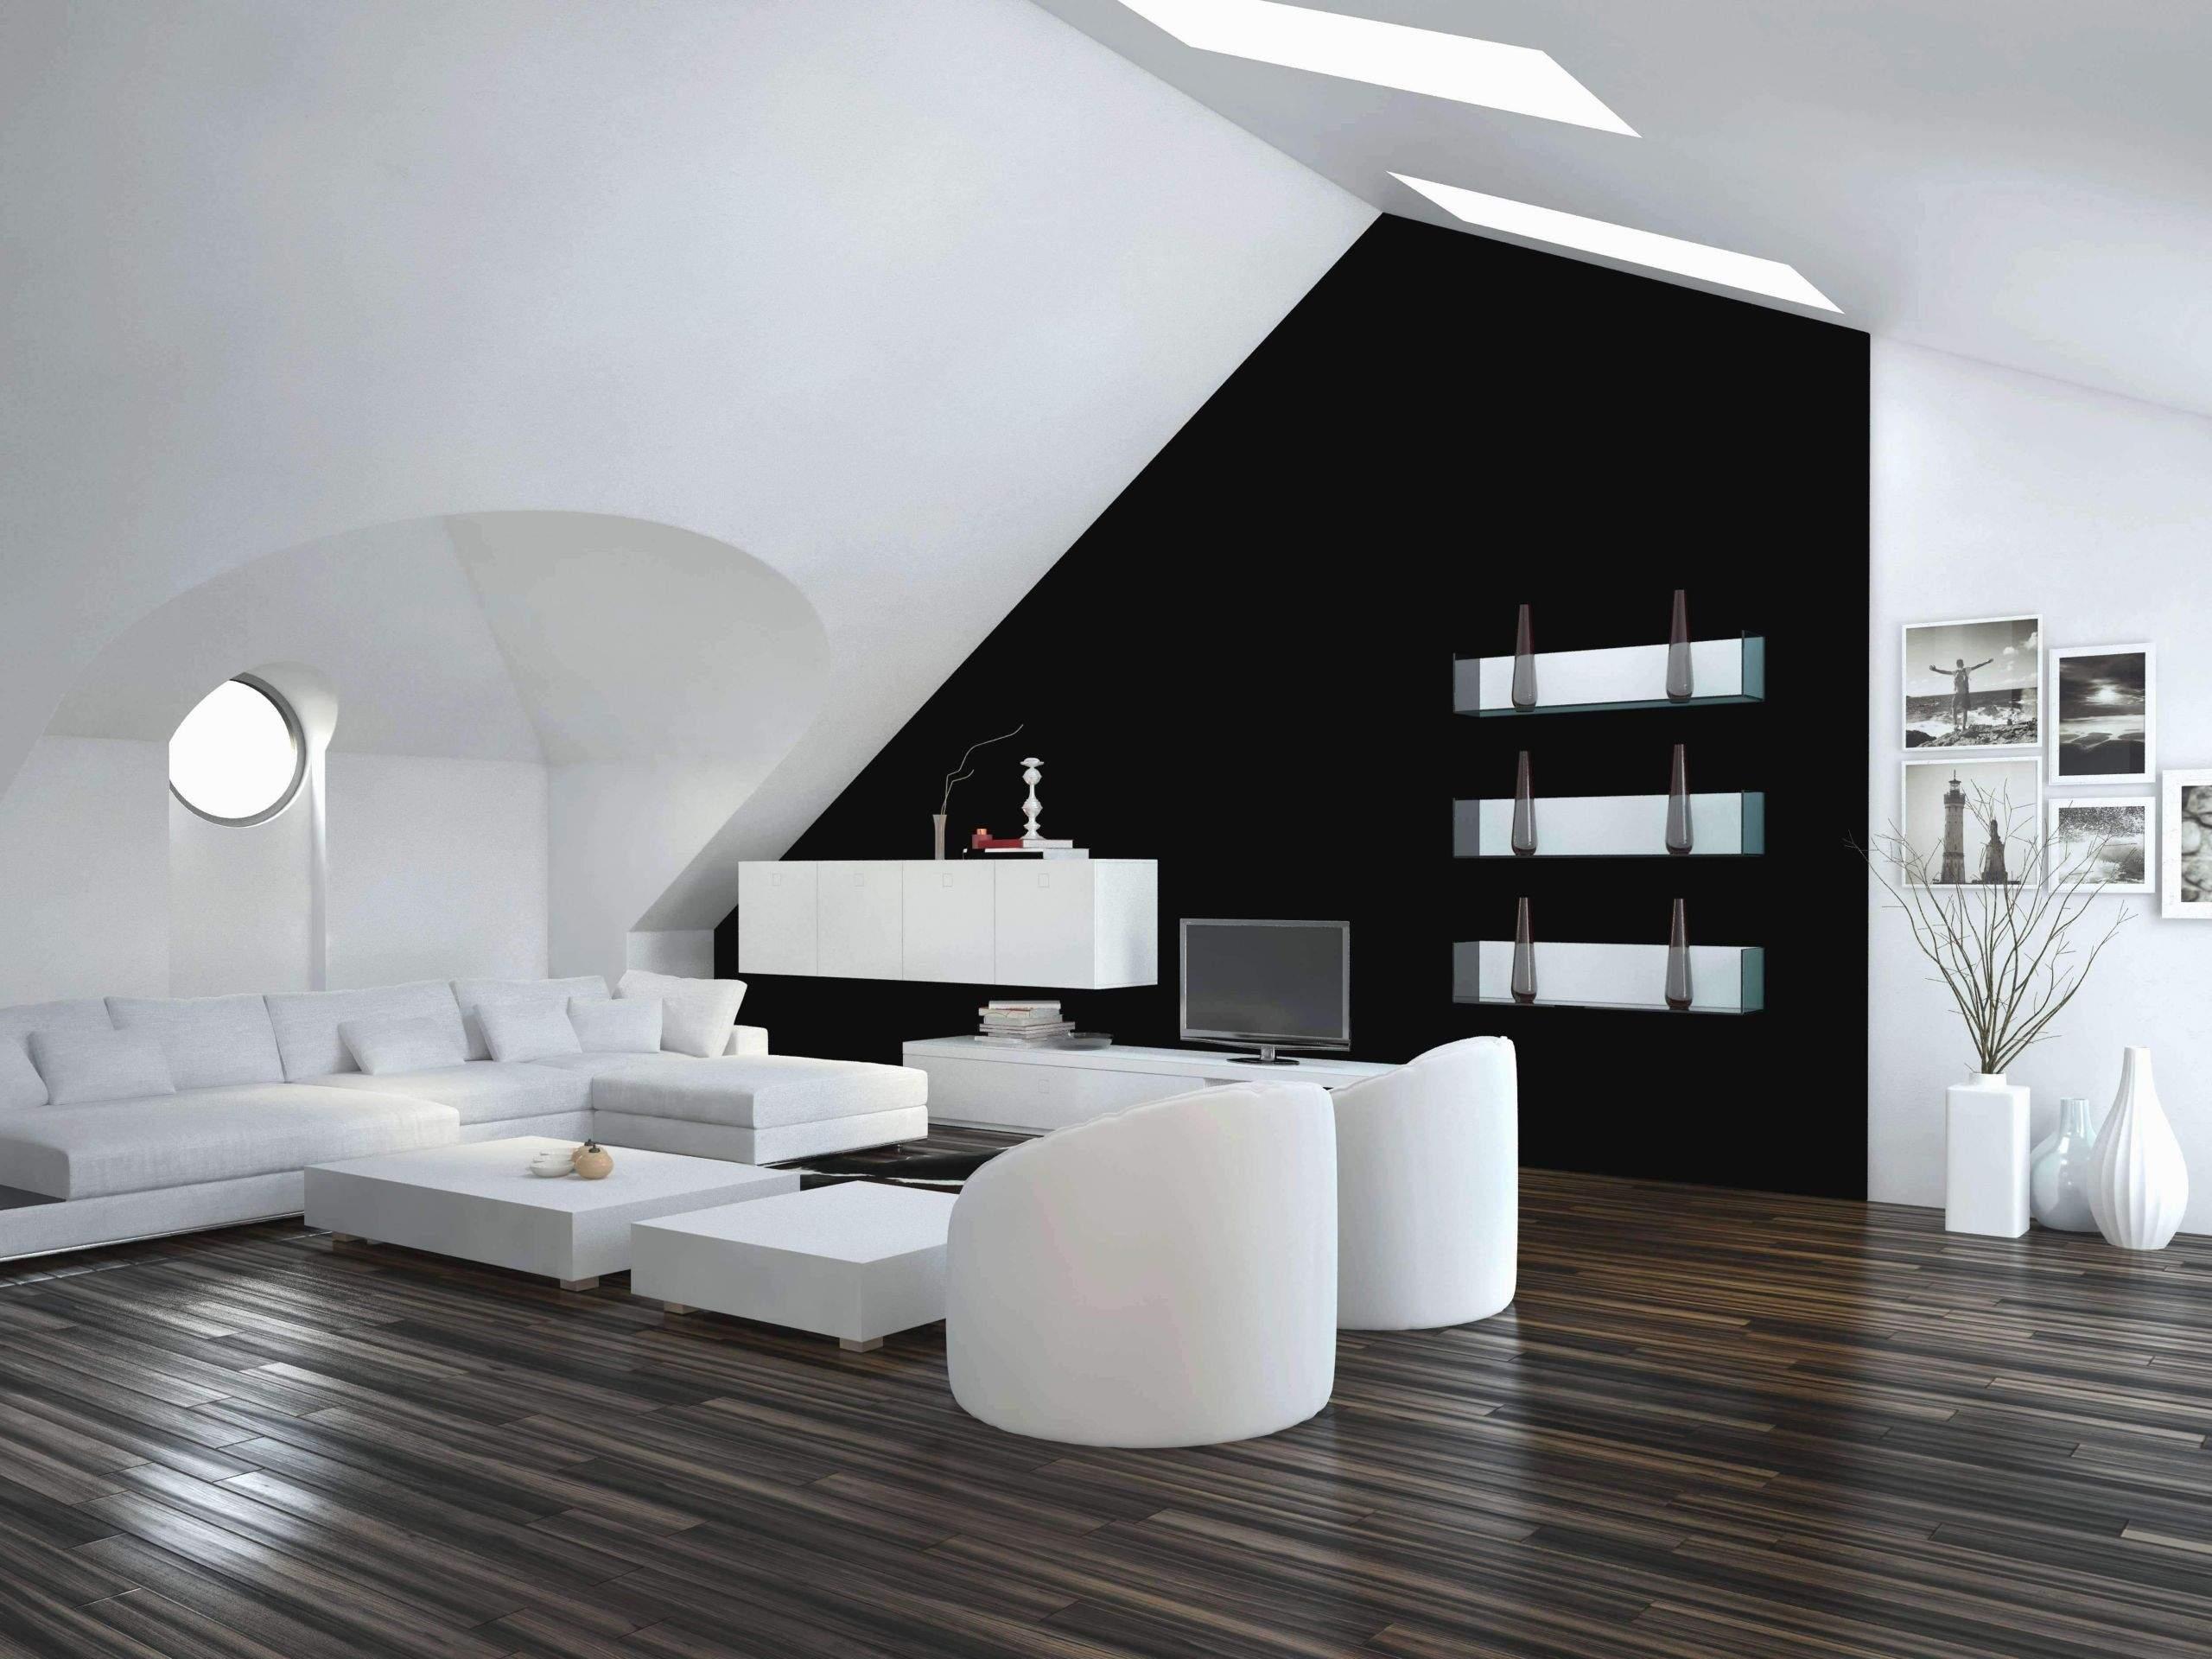 dekoration wohnzimmer ideen luxus wohnzimmer steinwand schon wohnzimmer deko ideen aktuelle of dekoration wohnzimmer ideen scaled